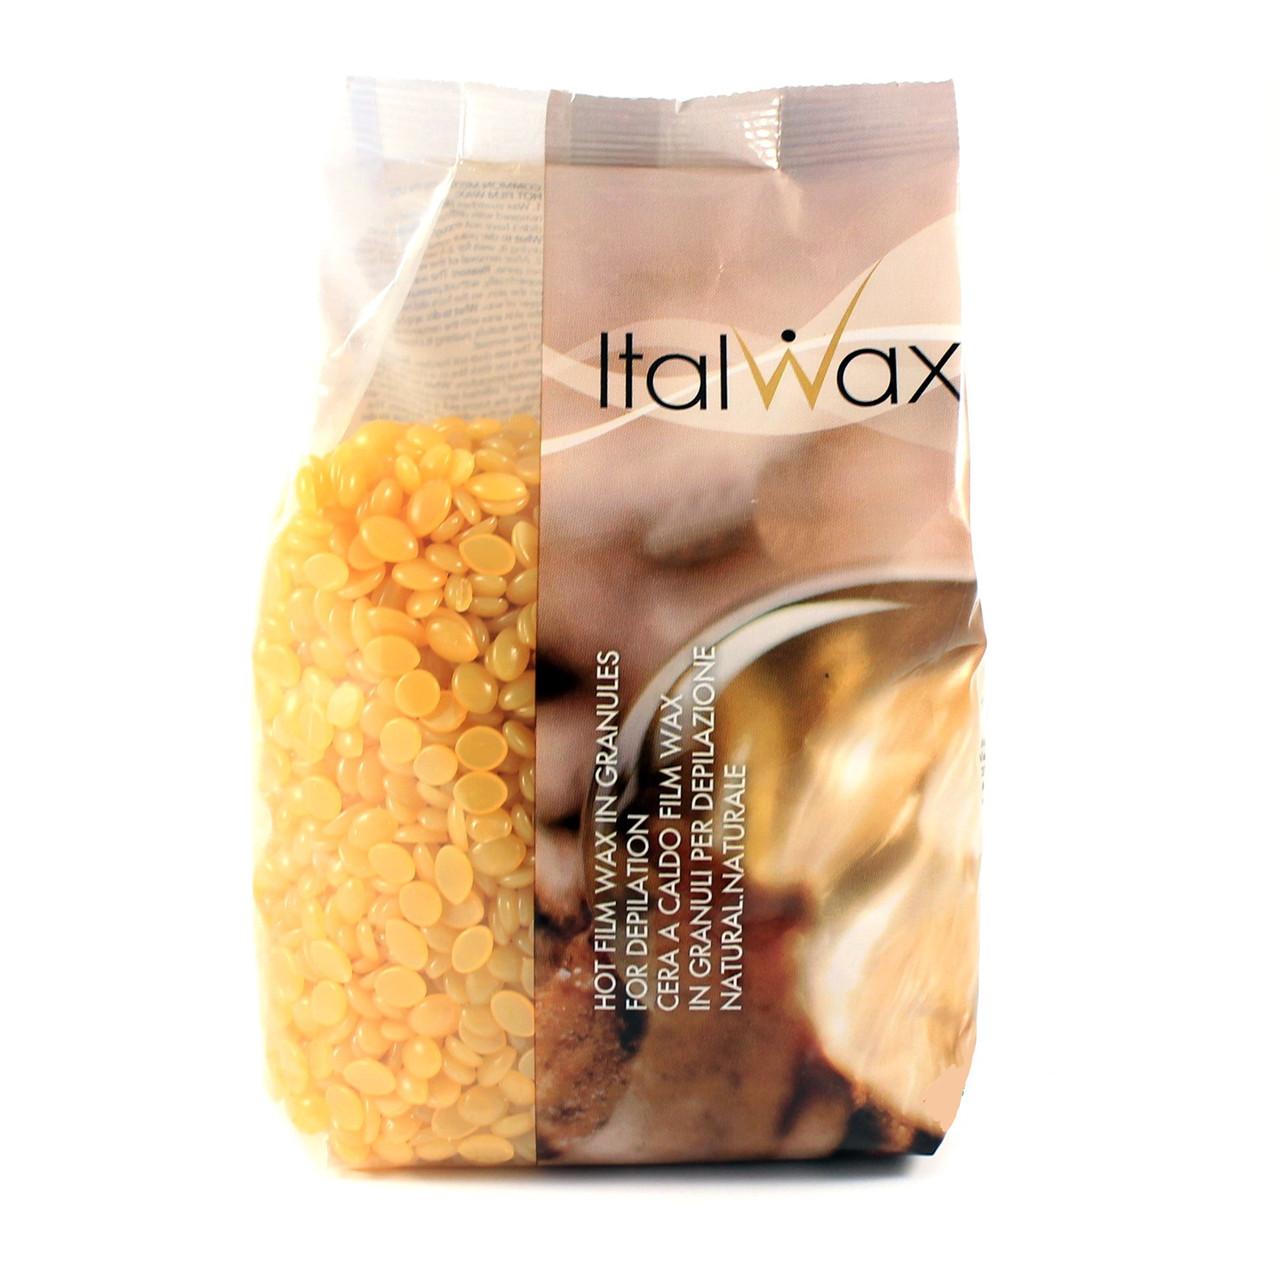 Воск в гранулах пленочный, натуральный Italwax, 1 кг